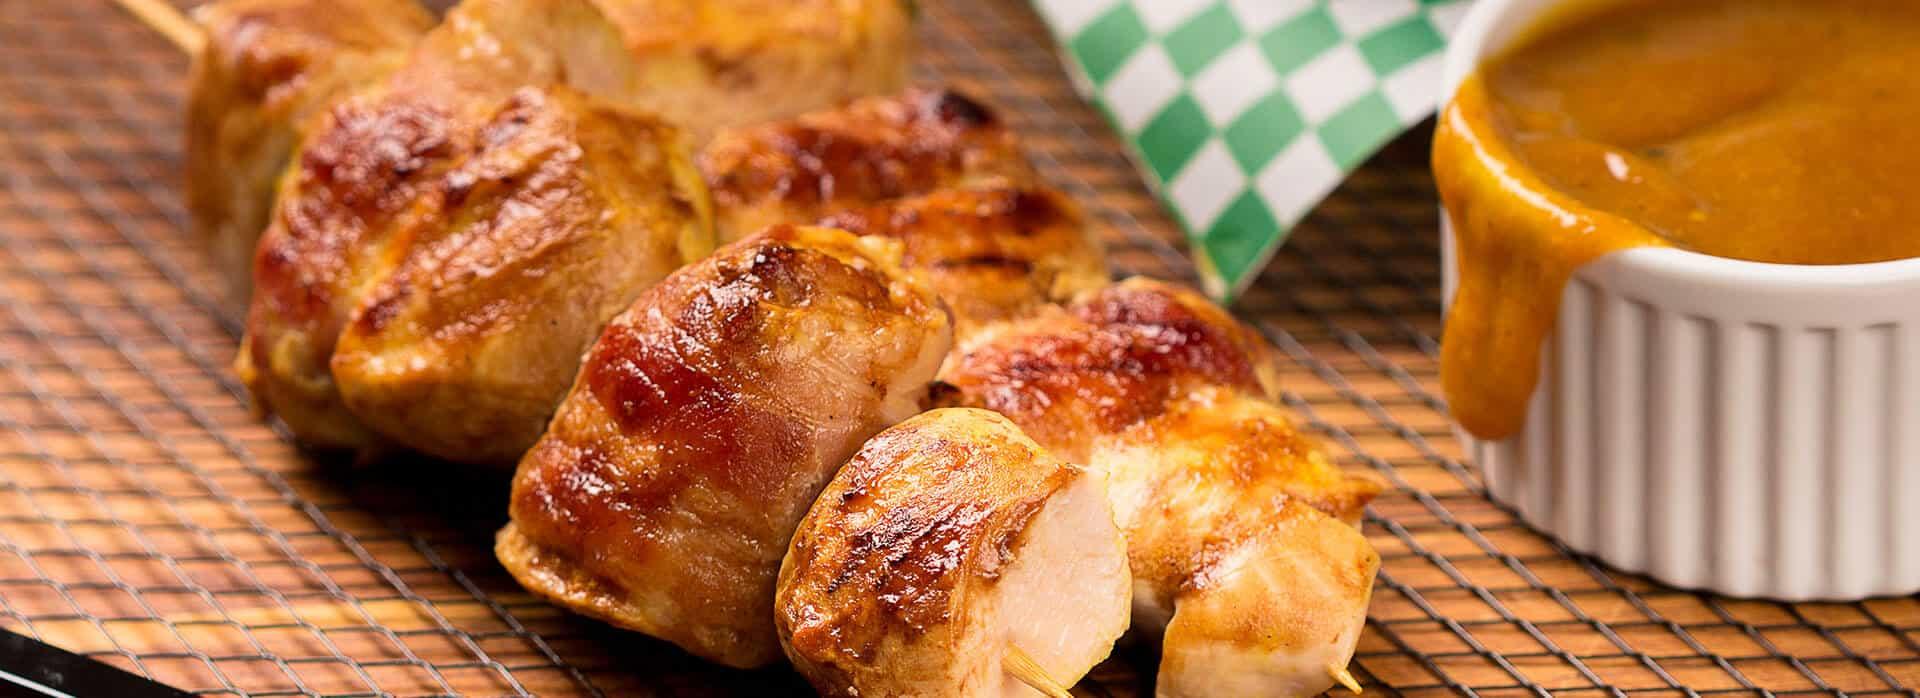 Prueba los Deliciosos chuzos de pollo con salsa miel mostaza Friko